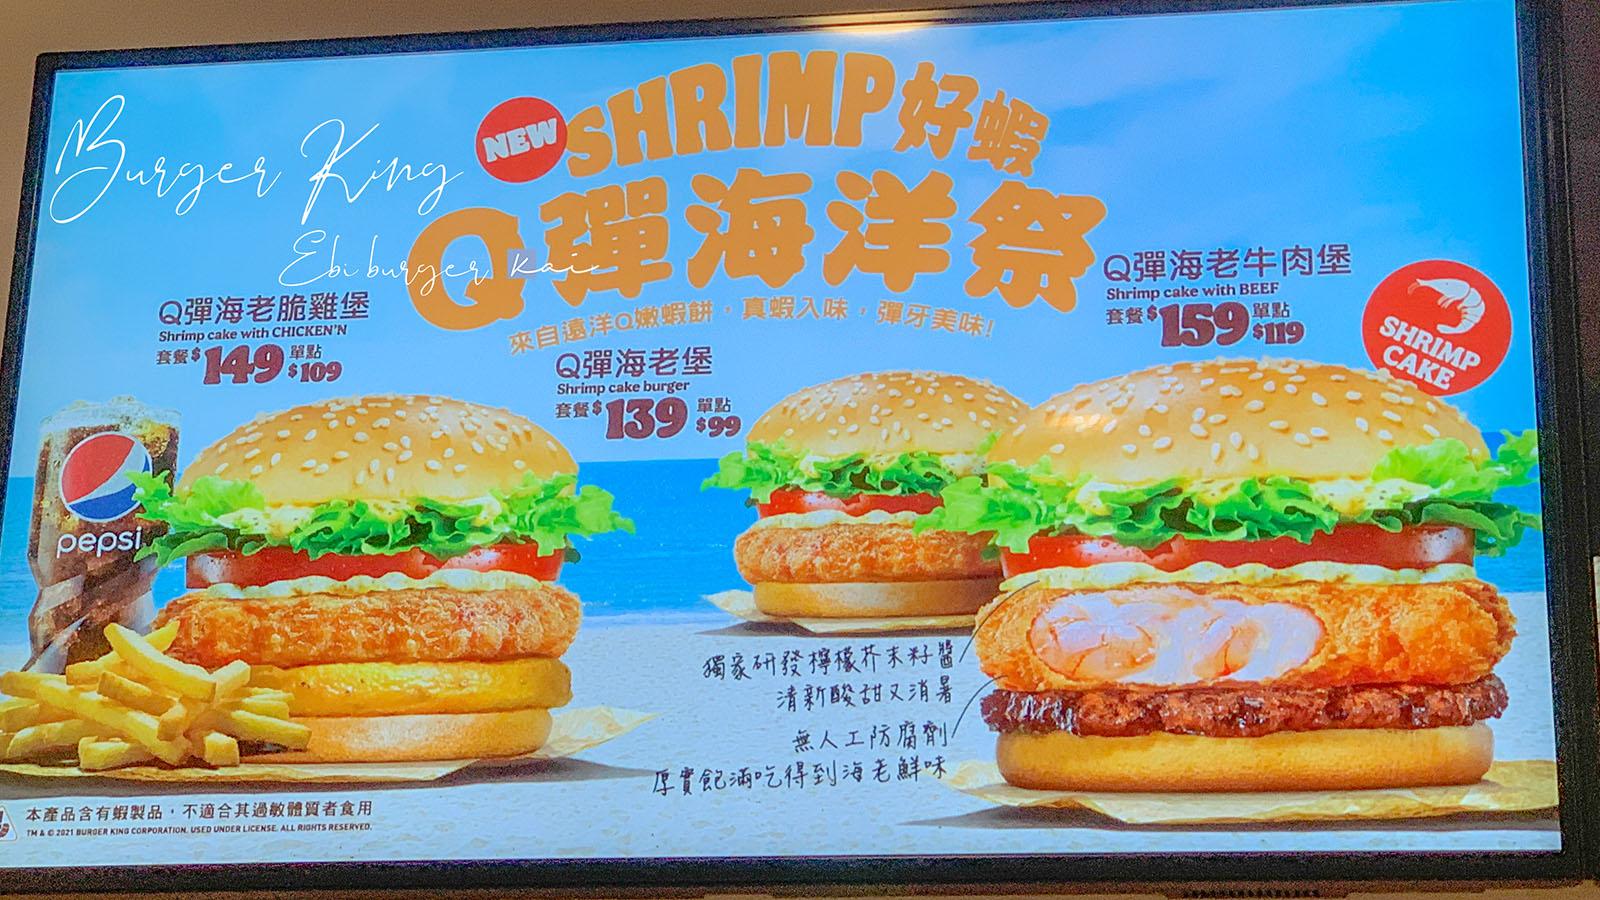 延伸閱讀:☆【美食】漢堡王「Q彈海老堡」蝦堡開箱!漢堡王怎麼永遠都在優惠?